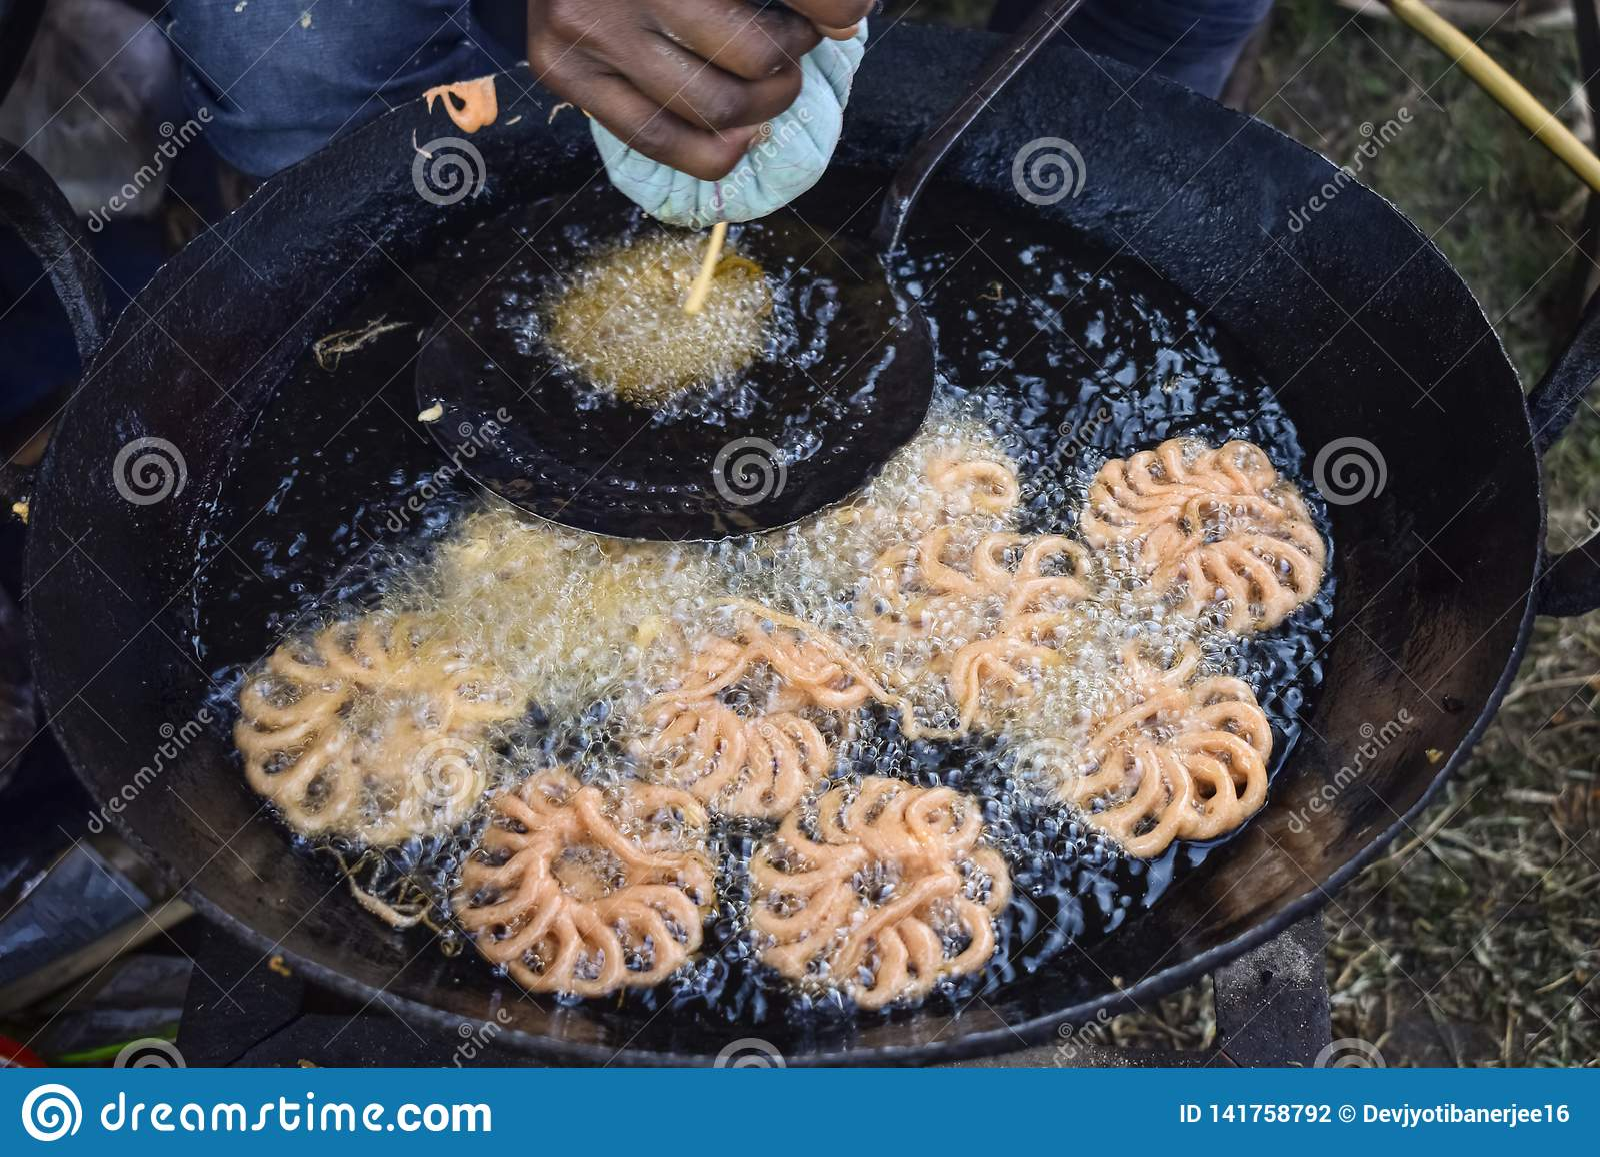 Un fabricant doux faisant le bonbon, Zalabia, s est composé d une pâte à levure frite et alors plongée dans un sirop de miel et s